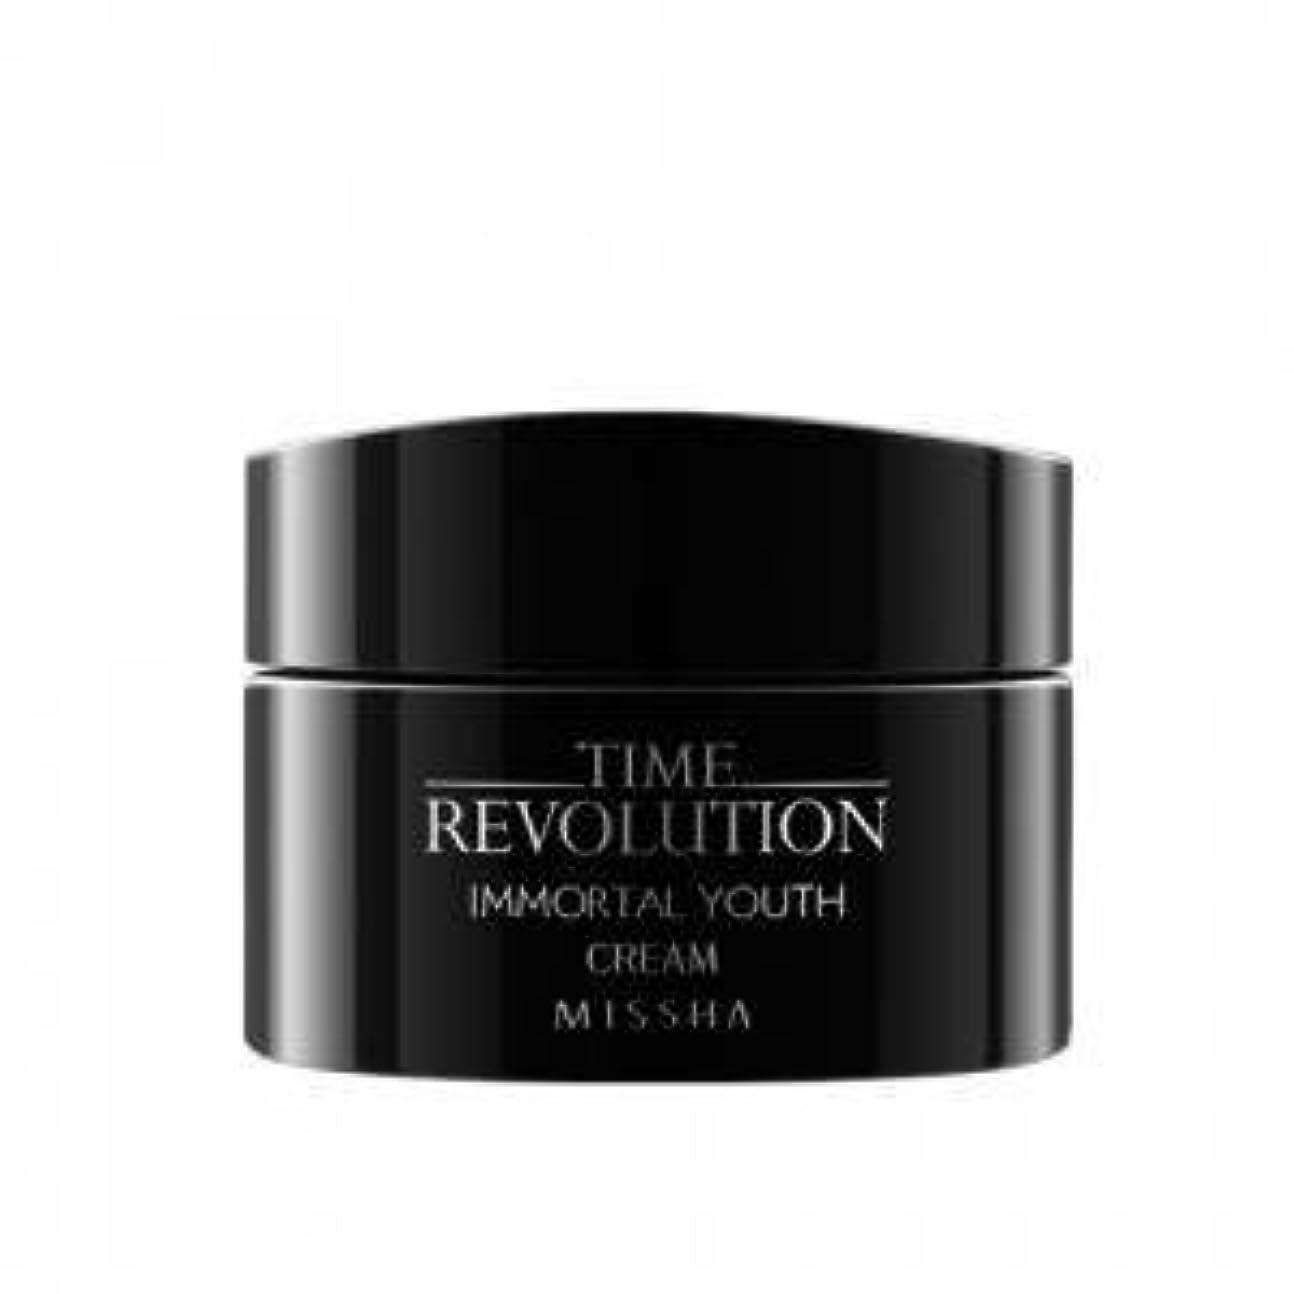 カウント満員離れて【MISSHA (ミシャ)】 Time Revolution Immortal Youth Cream タイムレボリューション イモータルユース クリーム